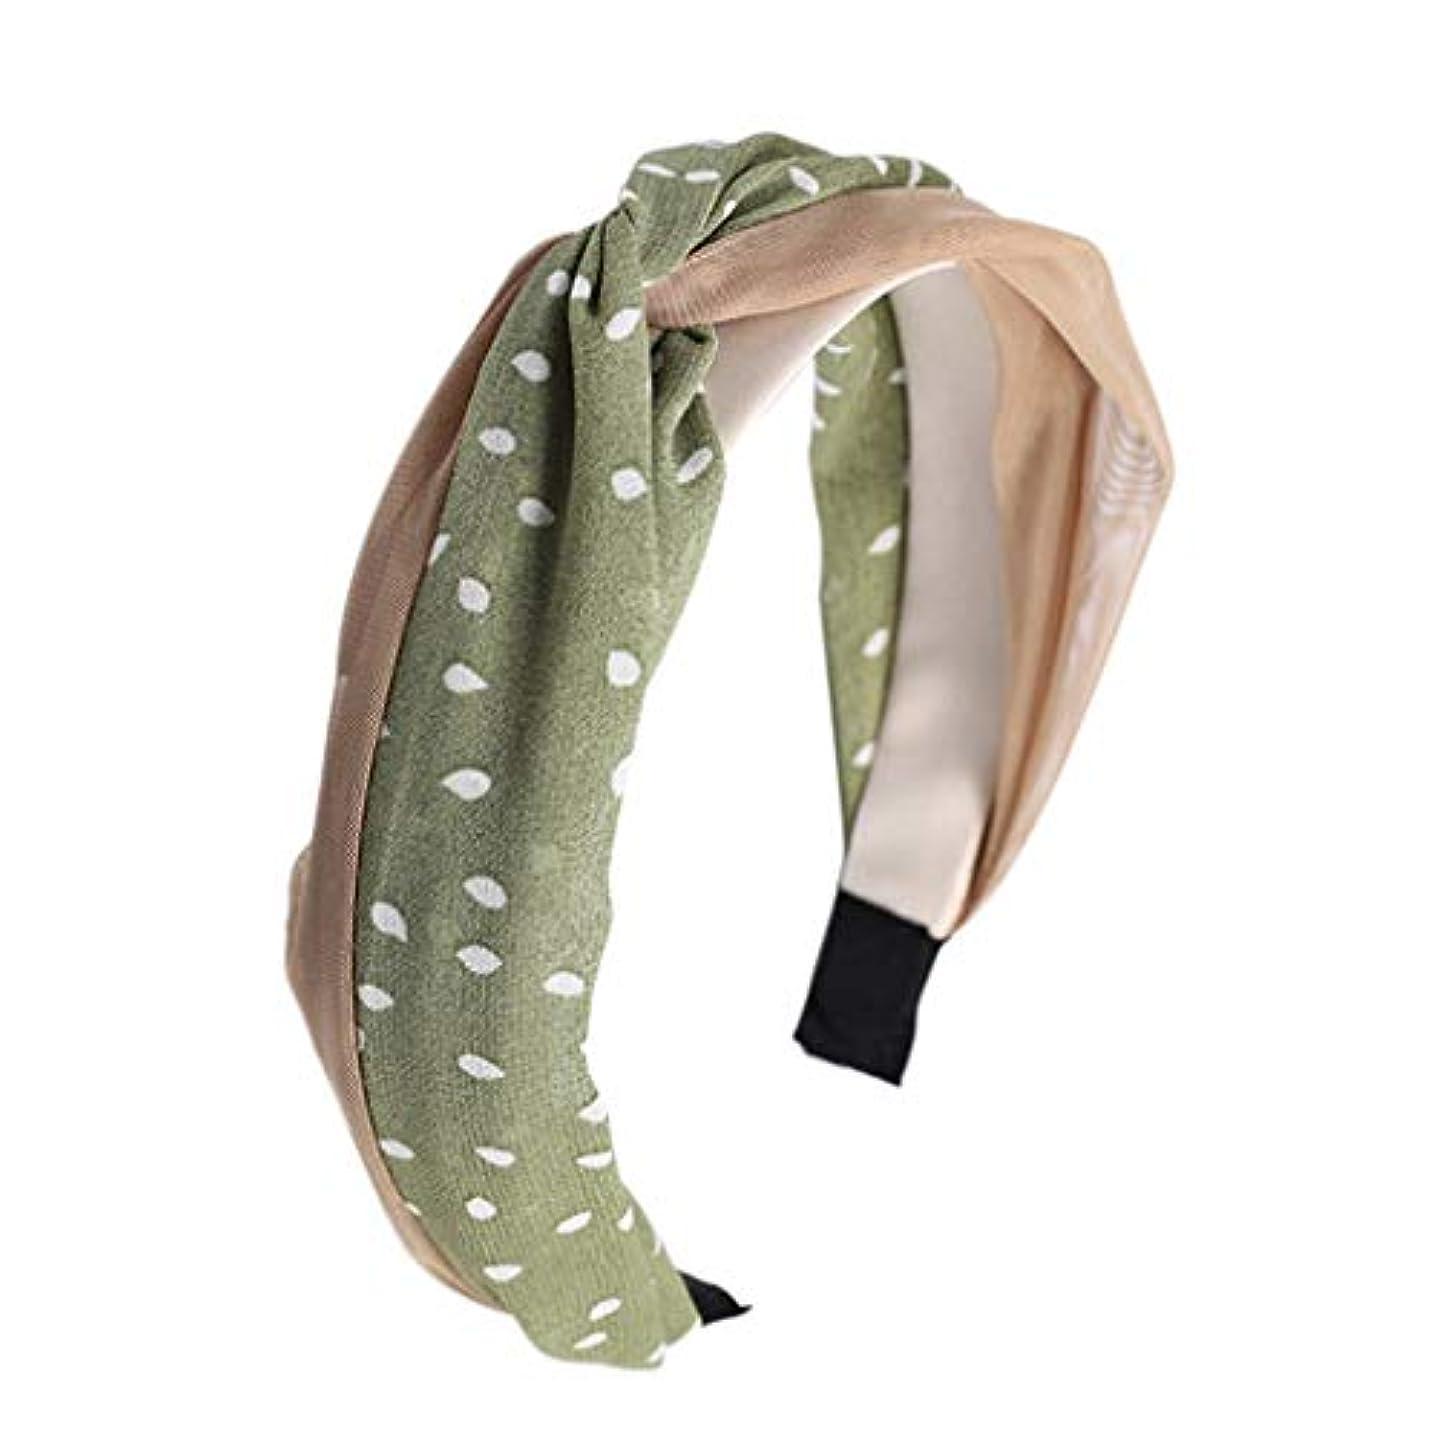 力そのようなアーカイブManyao 韓国風の新鮮な女性のメッシュポルカドットヘッドバンドヴィンテージツイスト結び目ワイヤーヘアフープ (緑)